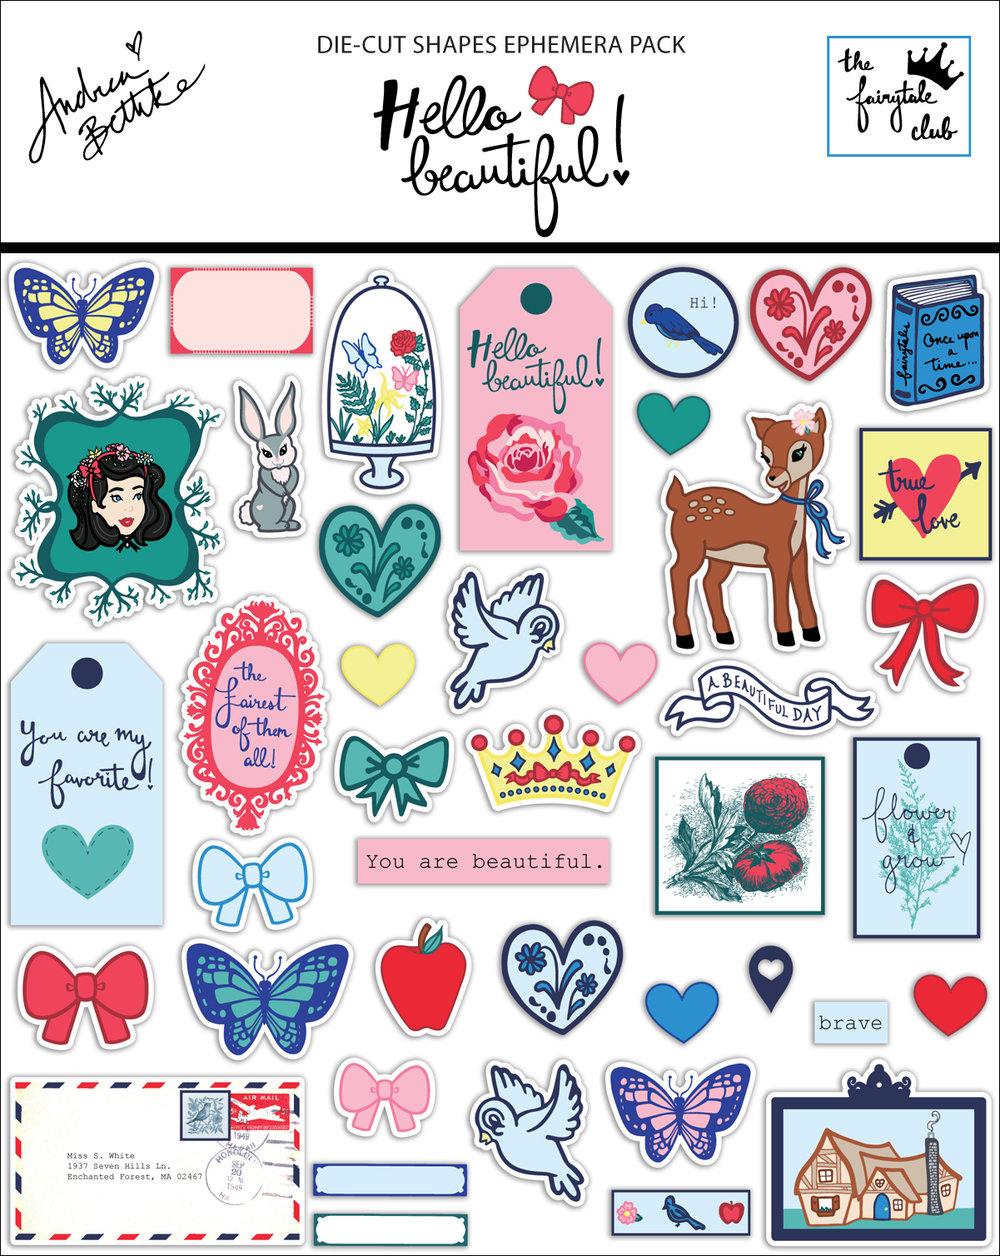 Hello Beautiful - Die Cut Shapes Ephemera Pack with packaging.jpg